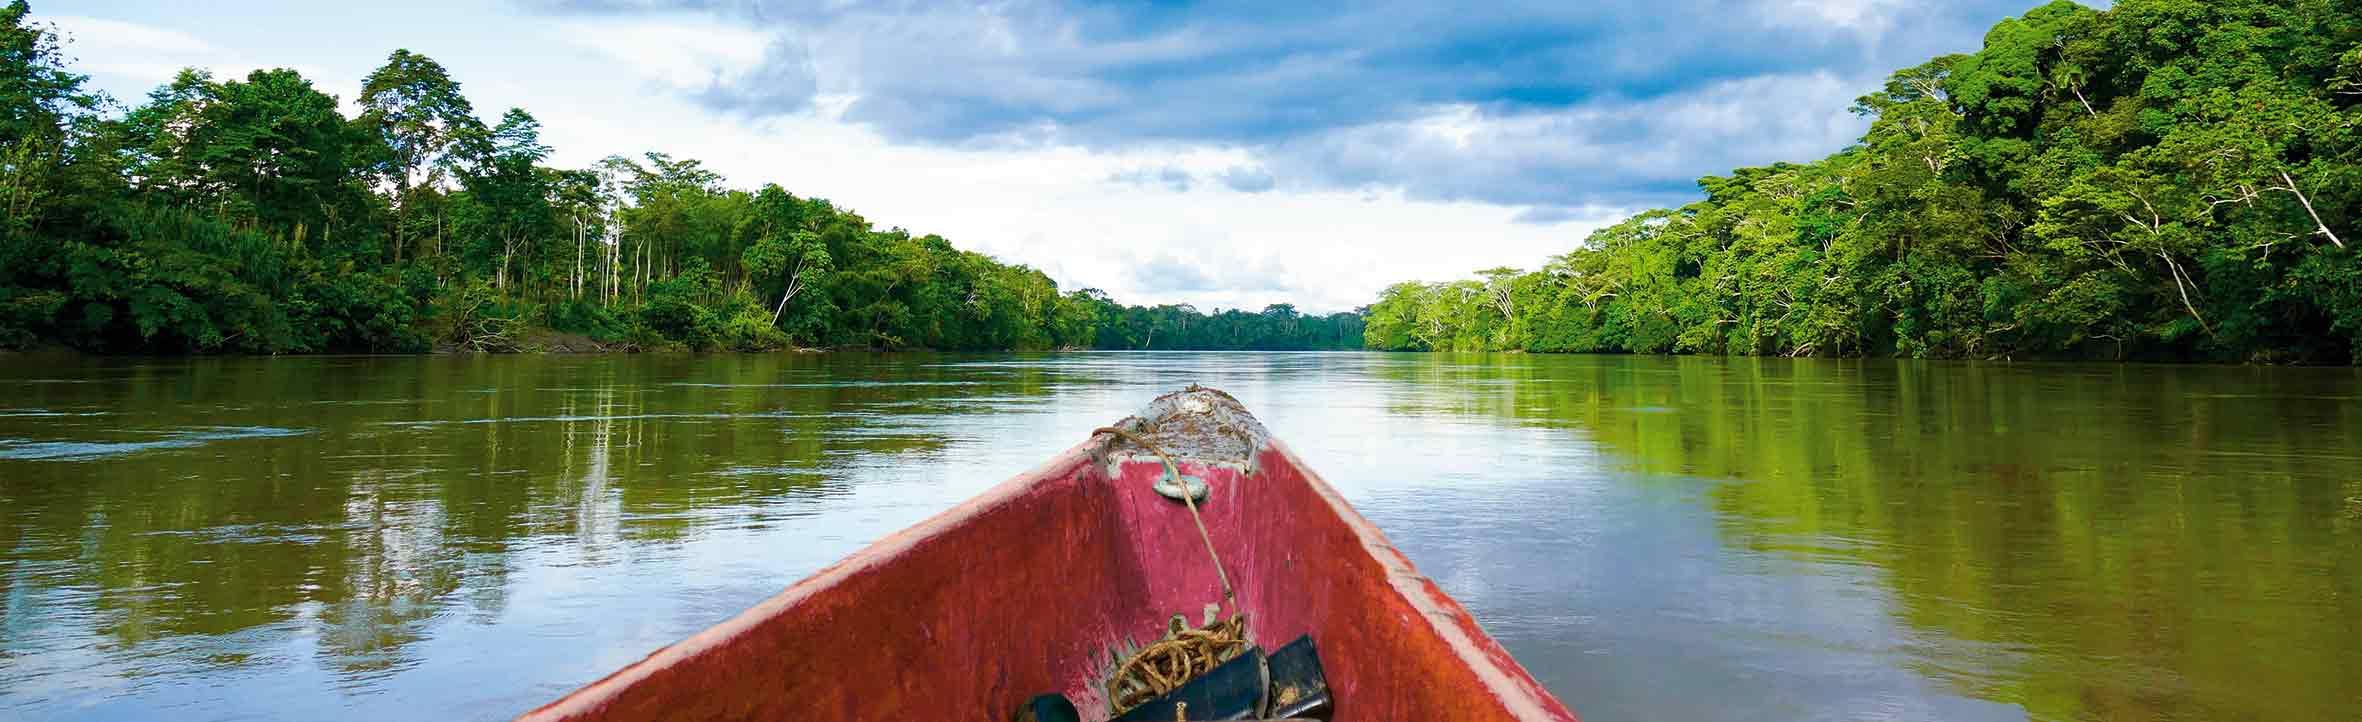 Bootsfahrt im Urwald von Ecuador